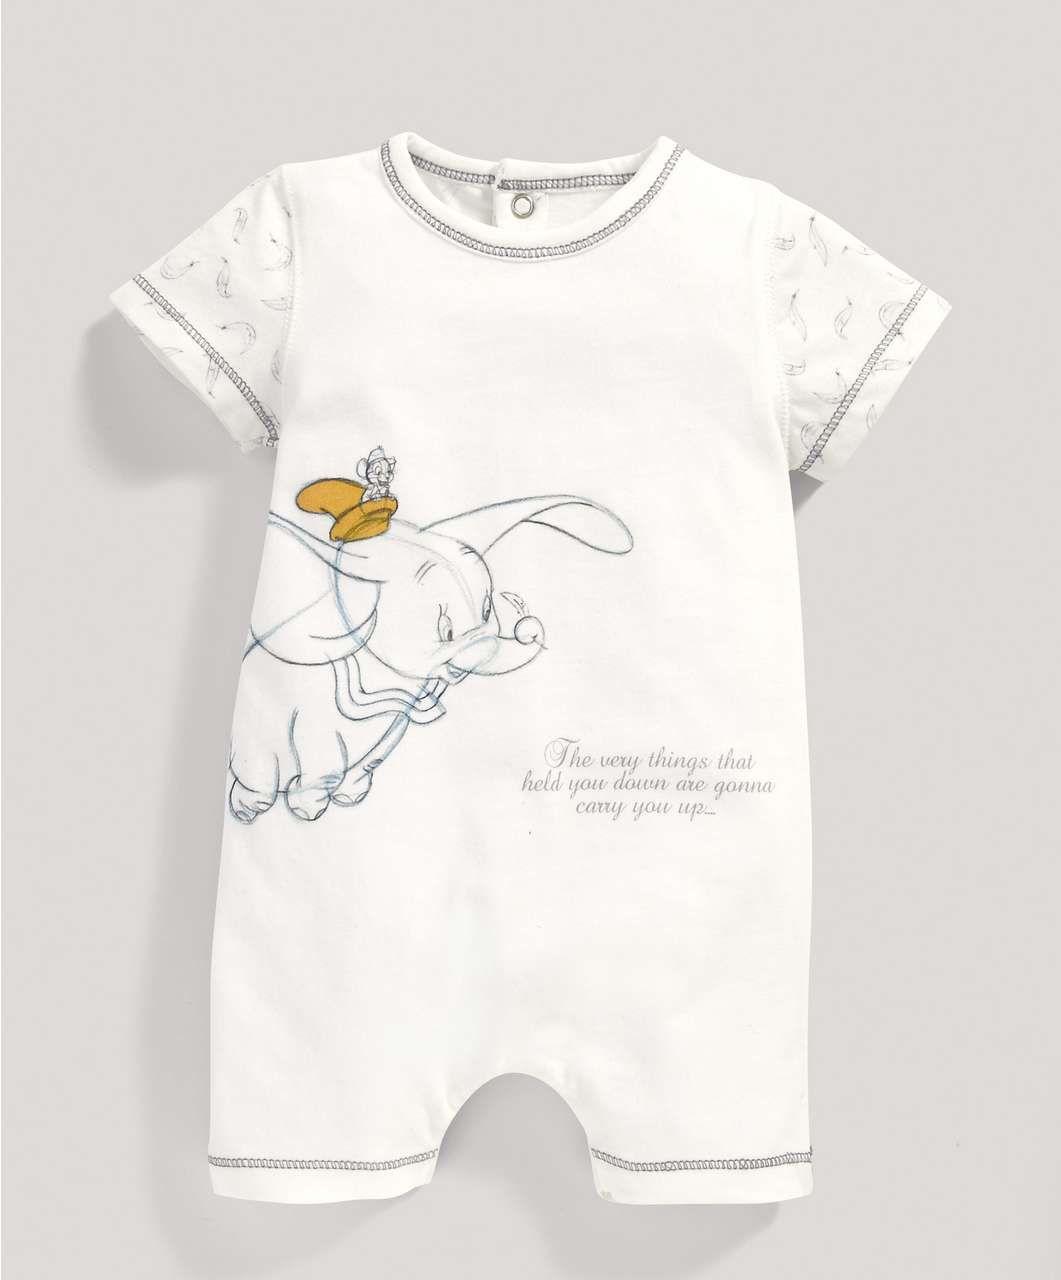 0fcf78afc Disney Dumbo Unisex Short Sleeved Romper - All Unisex - Mamas & Papas